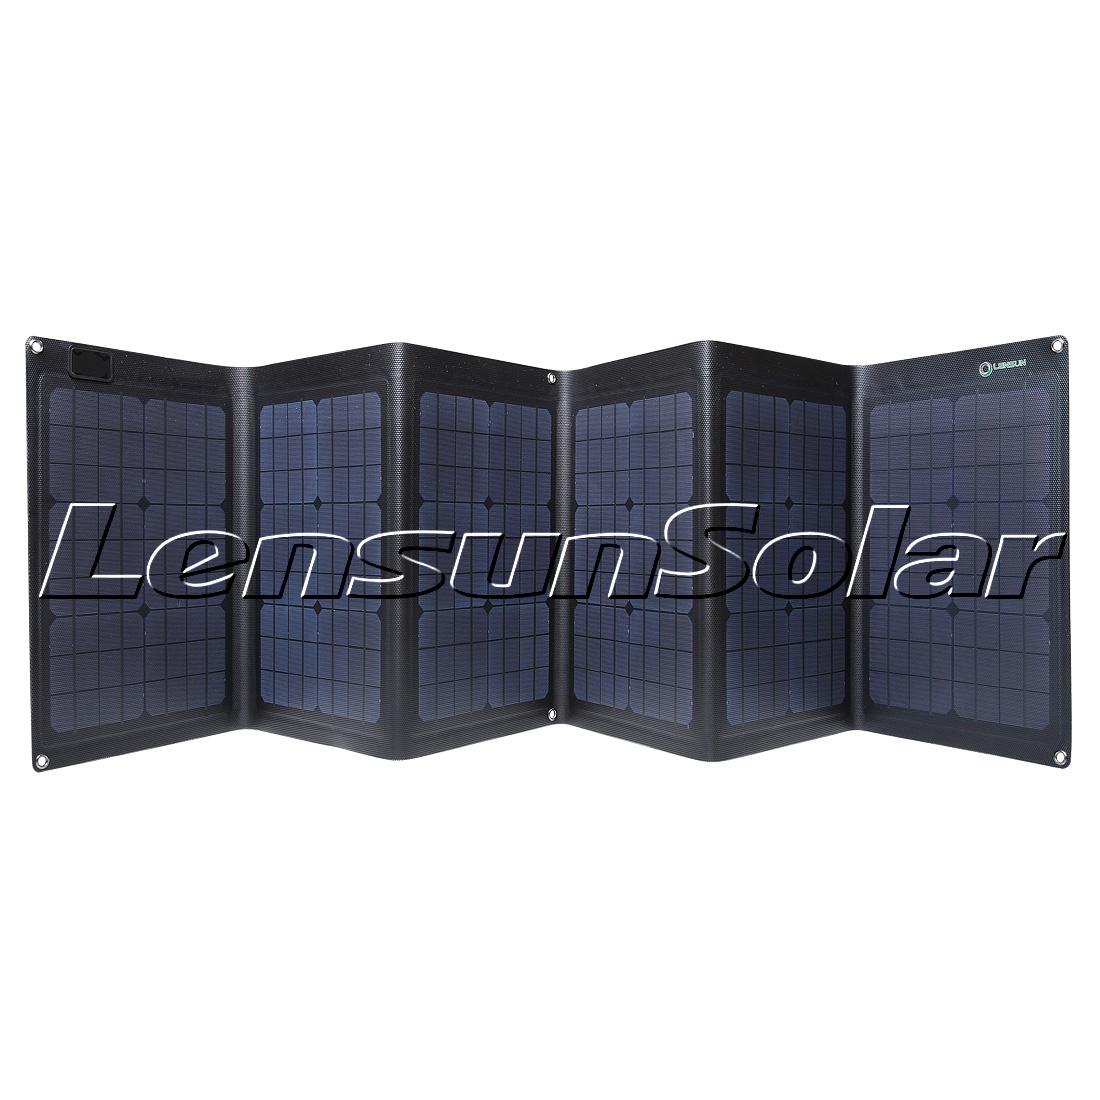 Lensun Etfe Coating Folding Solar Charge 100w 18v